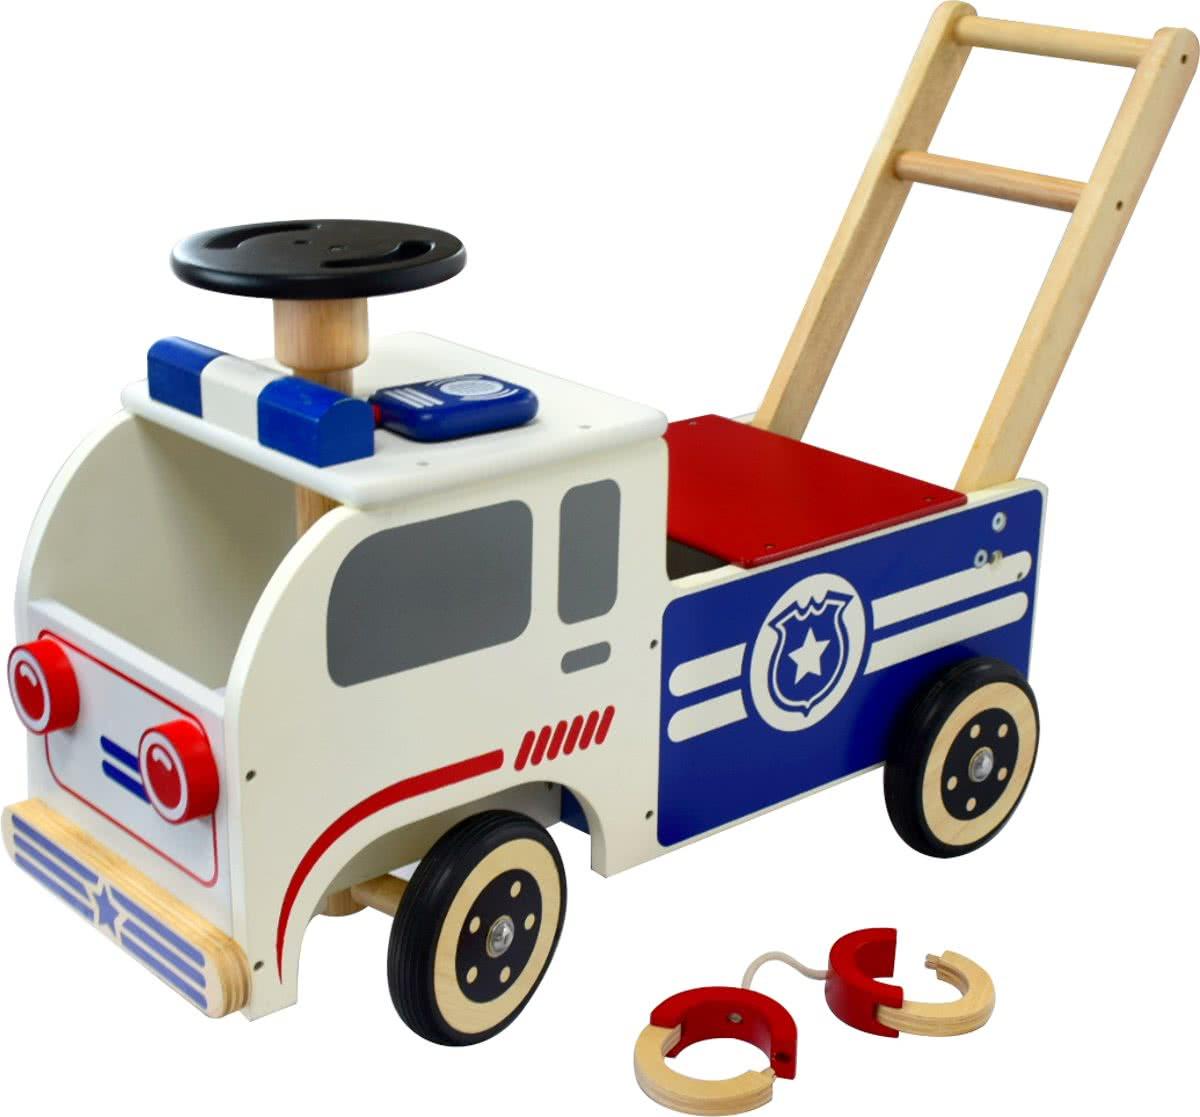 Loopwagen baby - De beste loopwagens voor de eerste stapjes